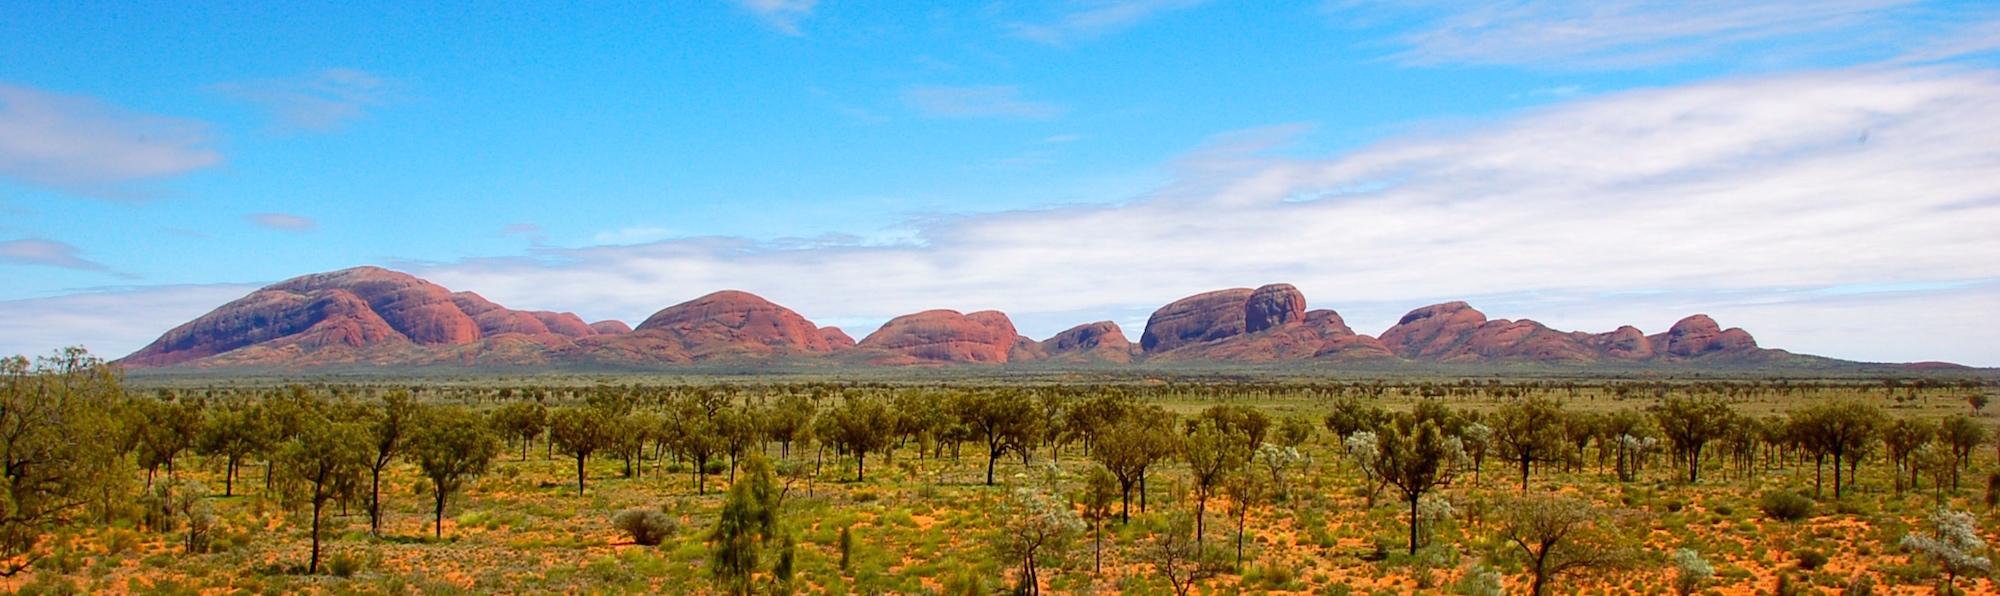 Kata Tjuta (Las Olgas), Australia